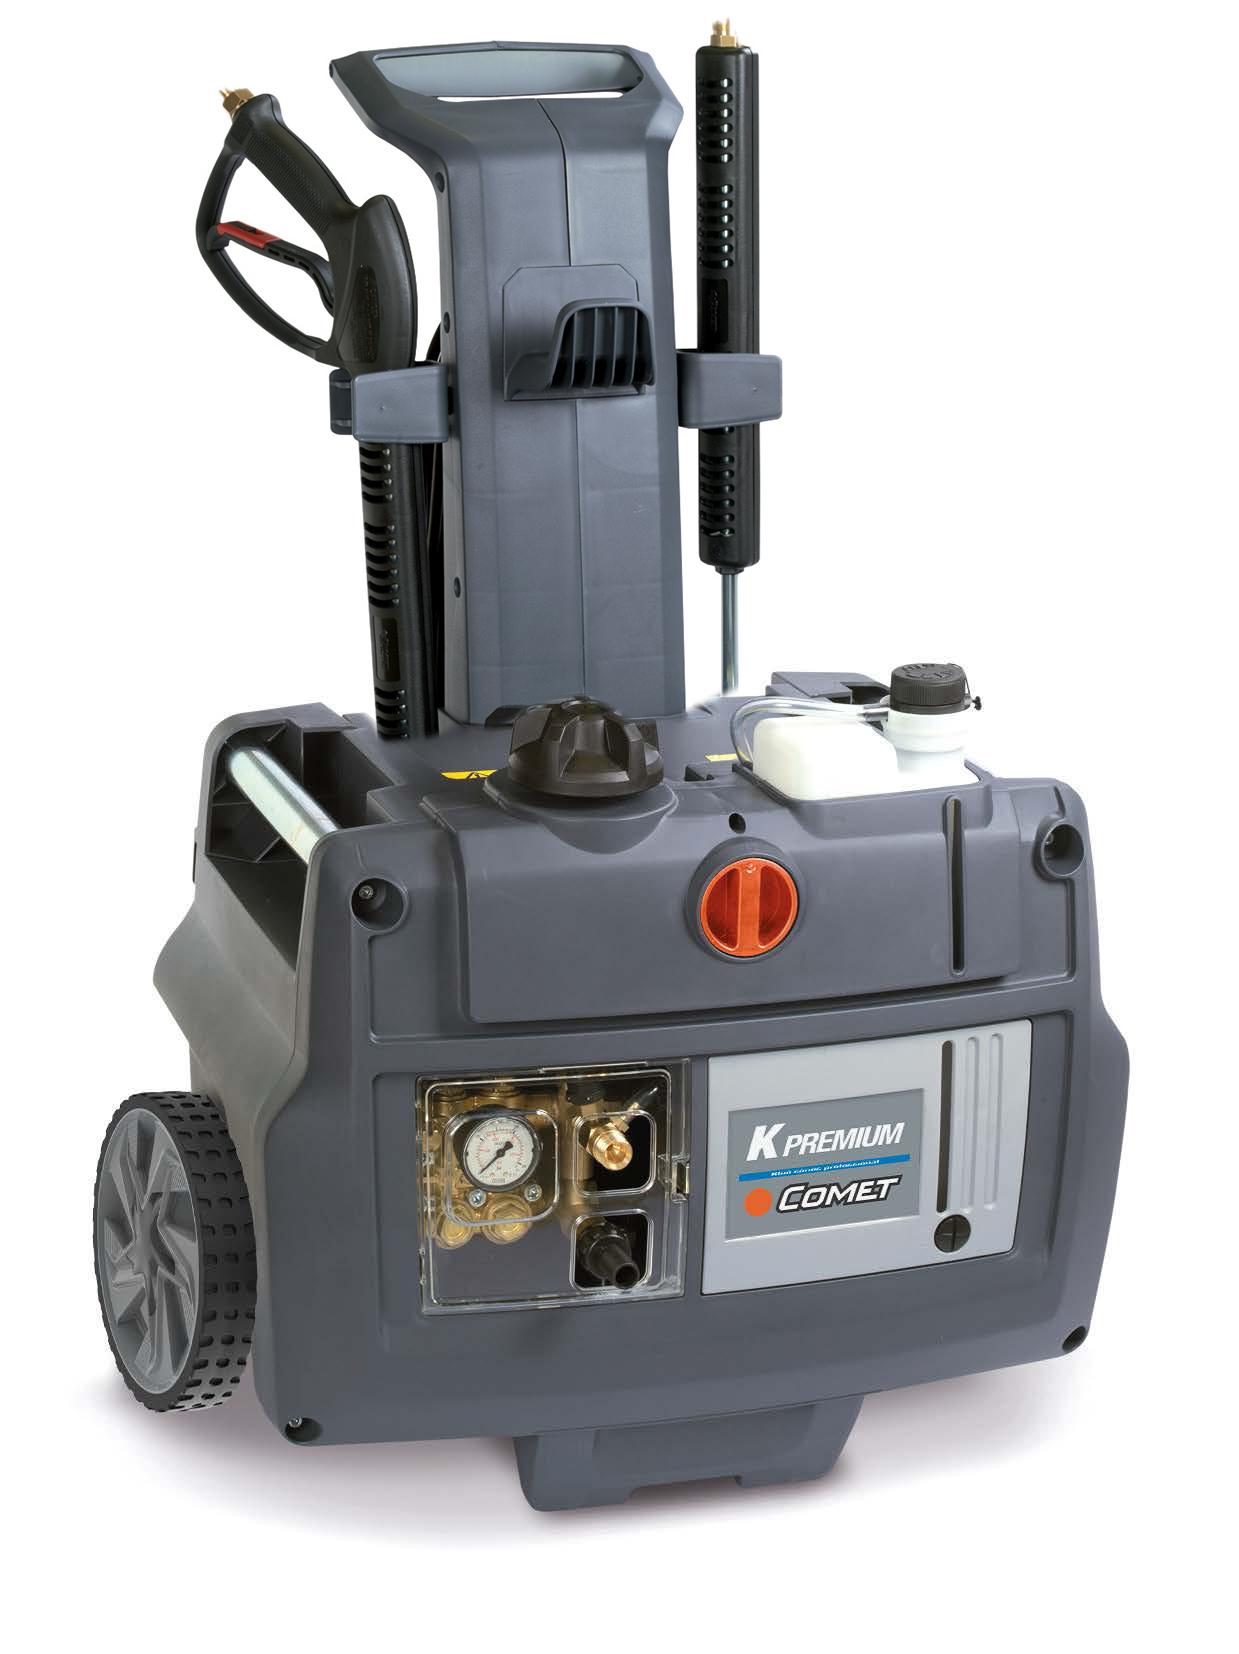 IDROPULITRICE COMET K MOBILE PREMIUM 8.15 ACQUA FREDDA 400 V - 210 Bar - 900 L/H- senza avvolgitubo